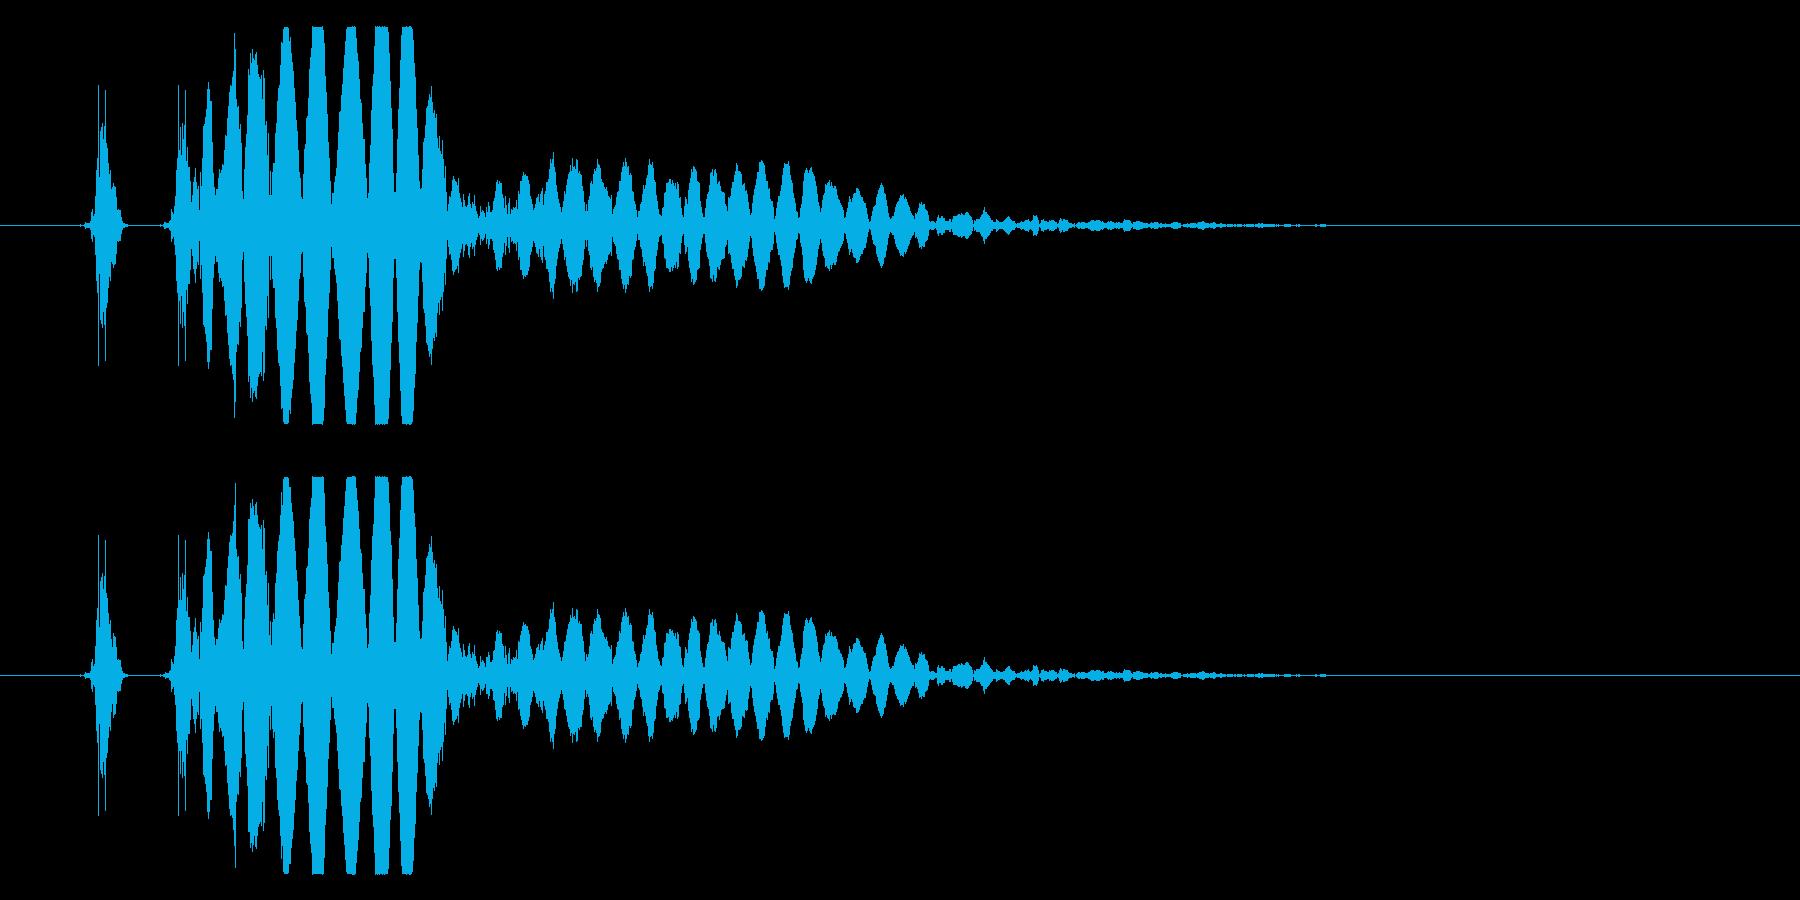 【打撃音24】パンチやキックに最適です!の再生済みの波形